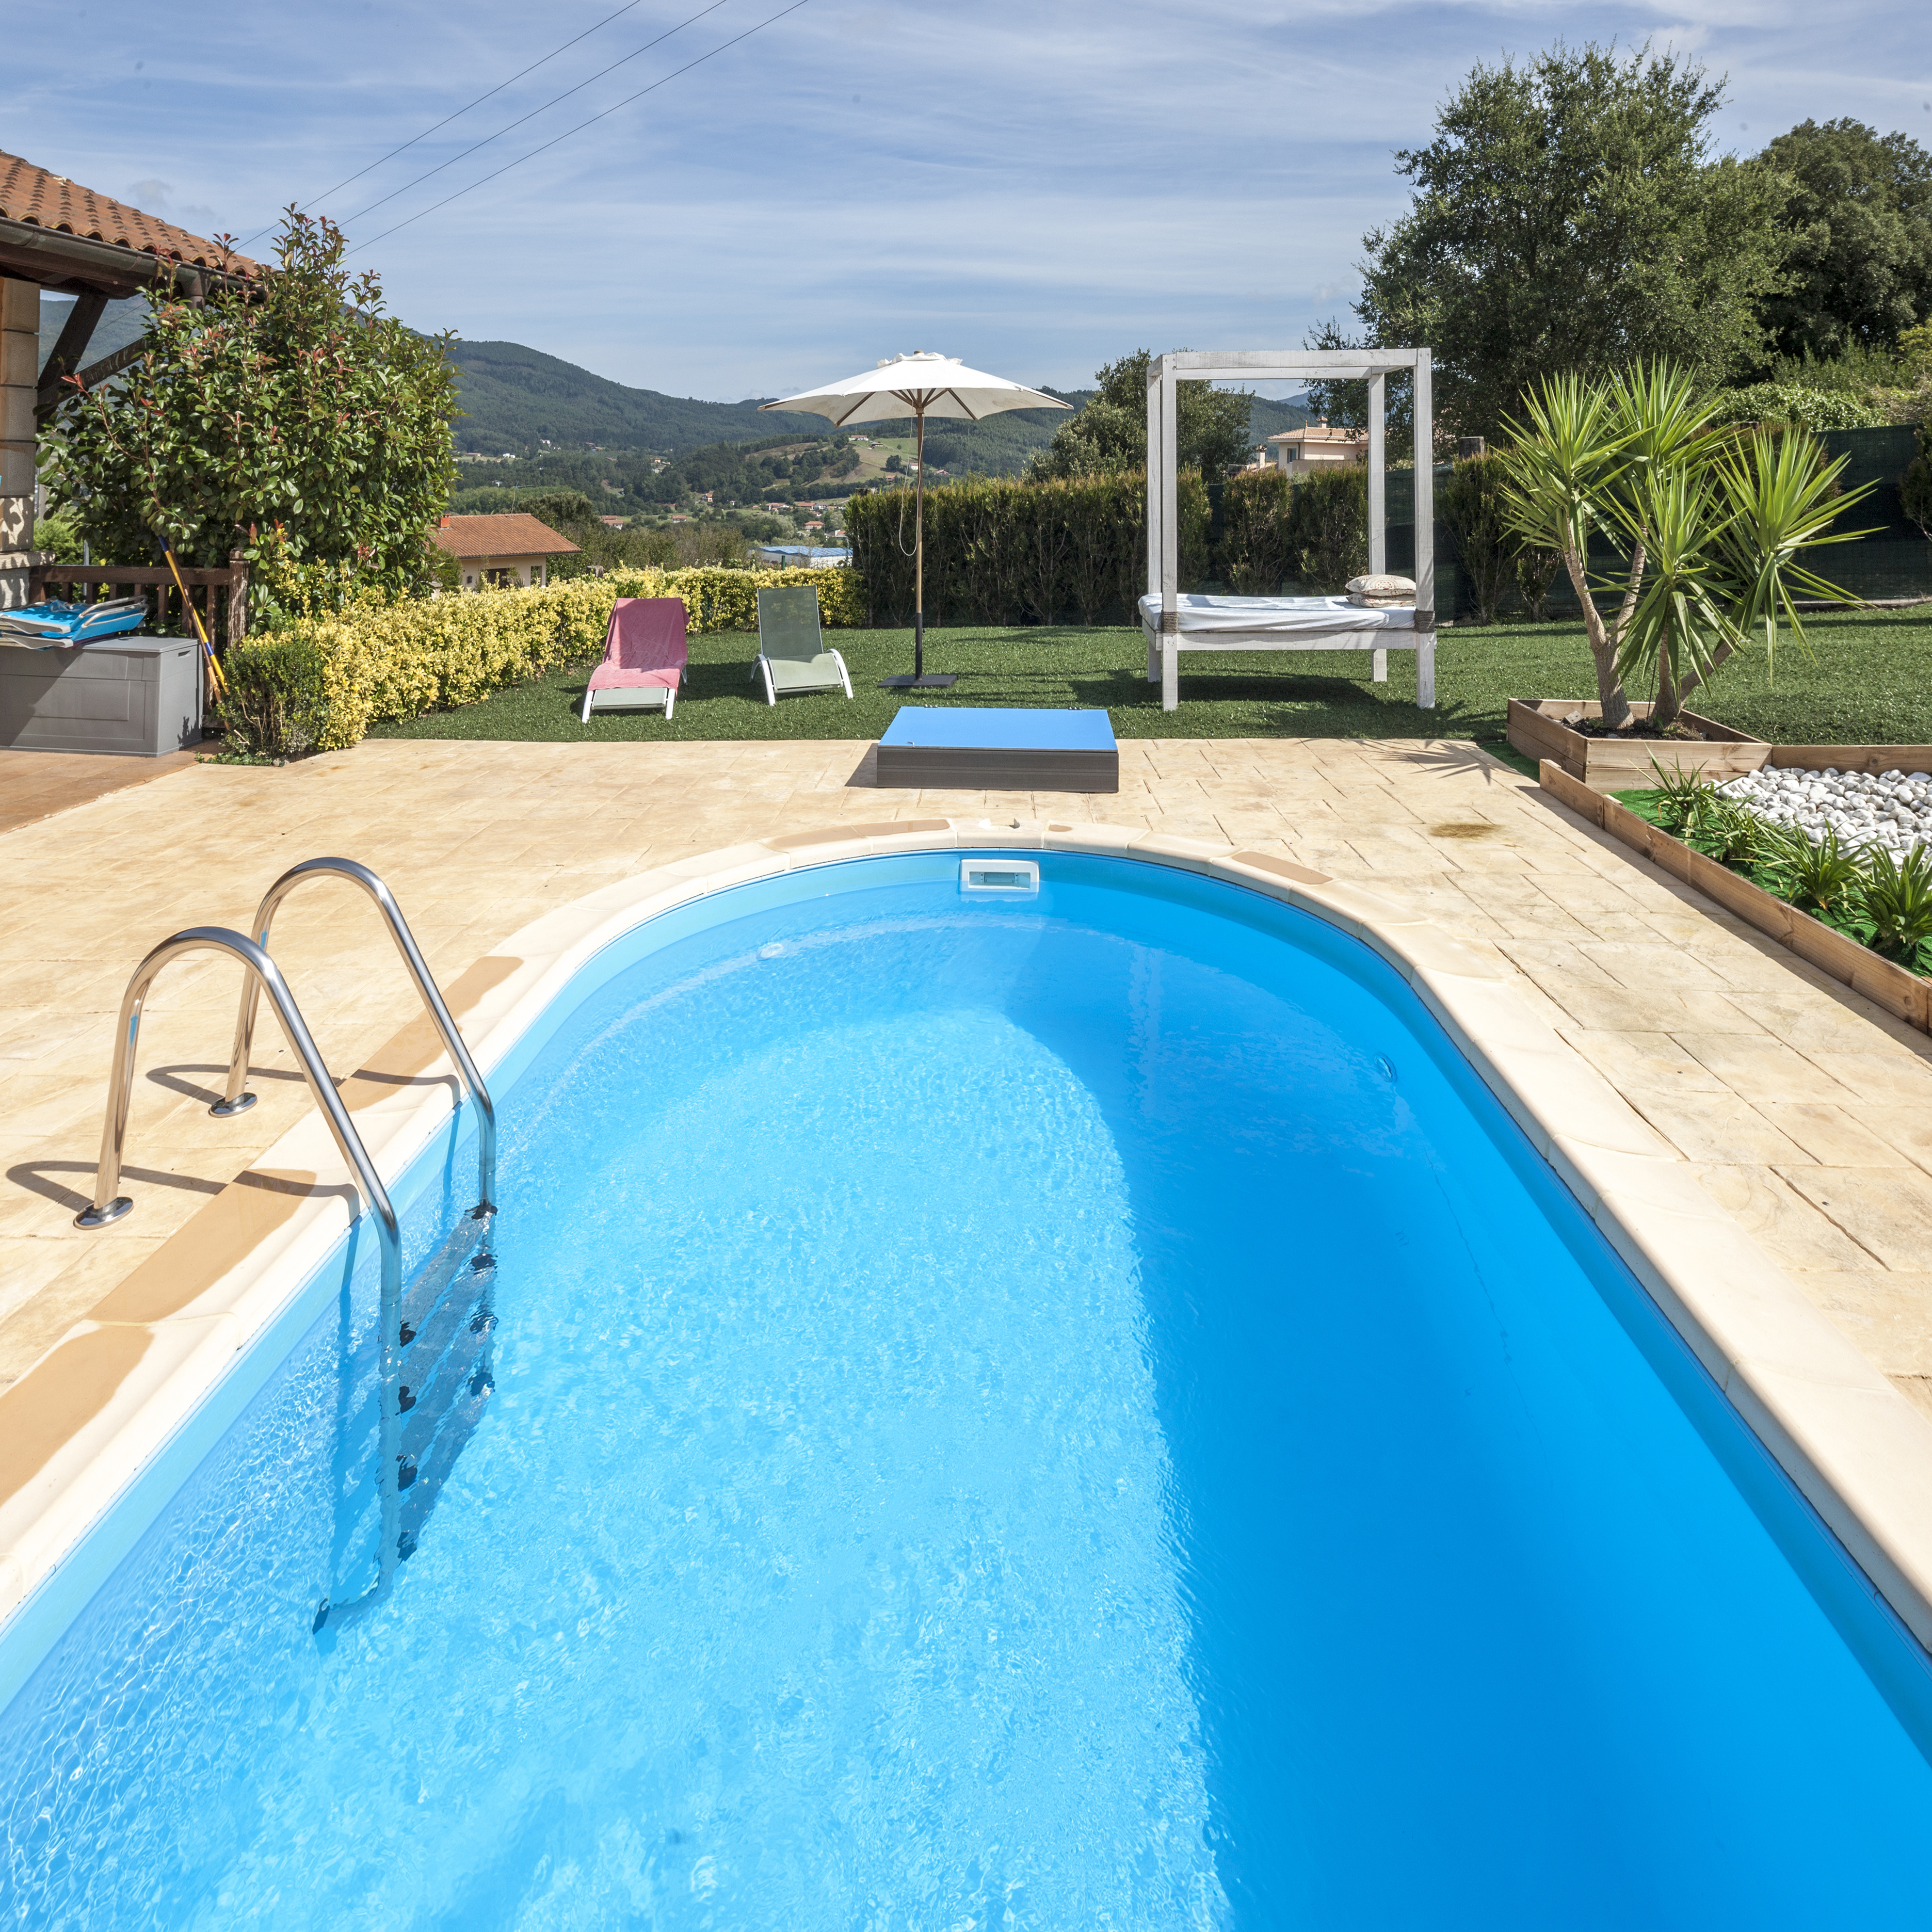 Madagascar 800x400x150 piscinas garrido for Piscinas garrido